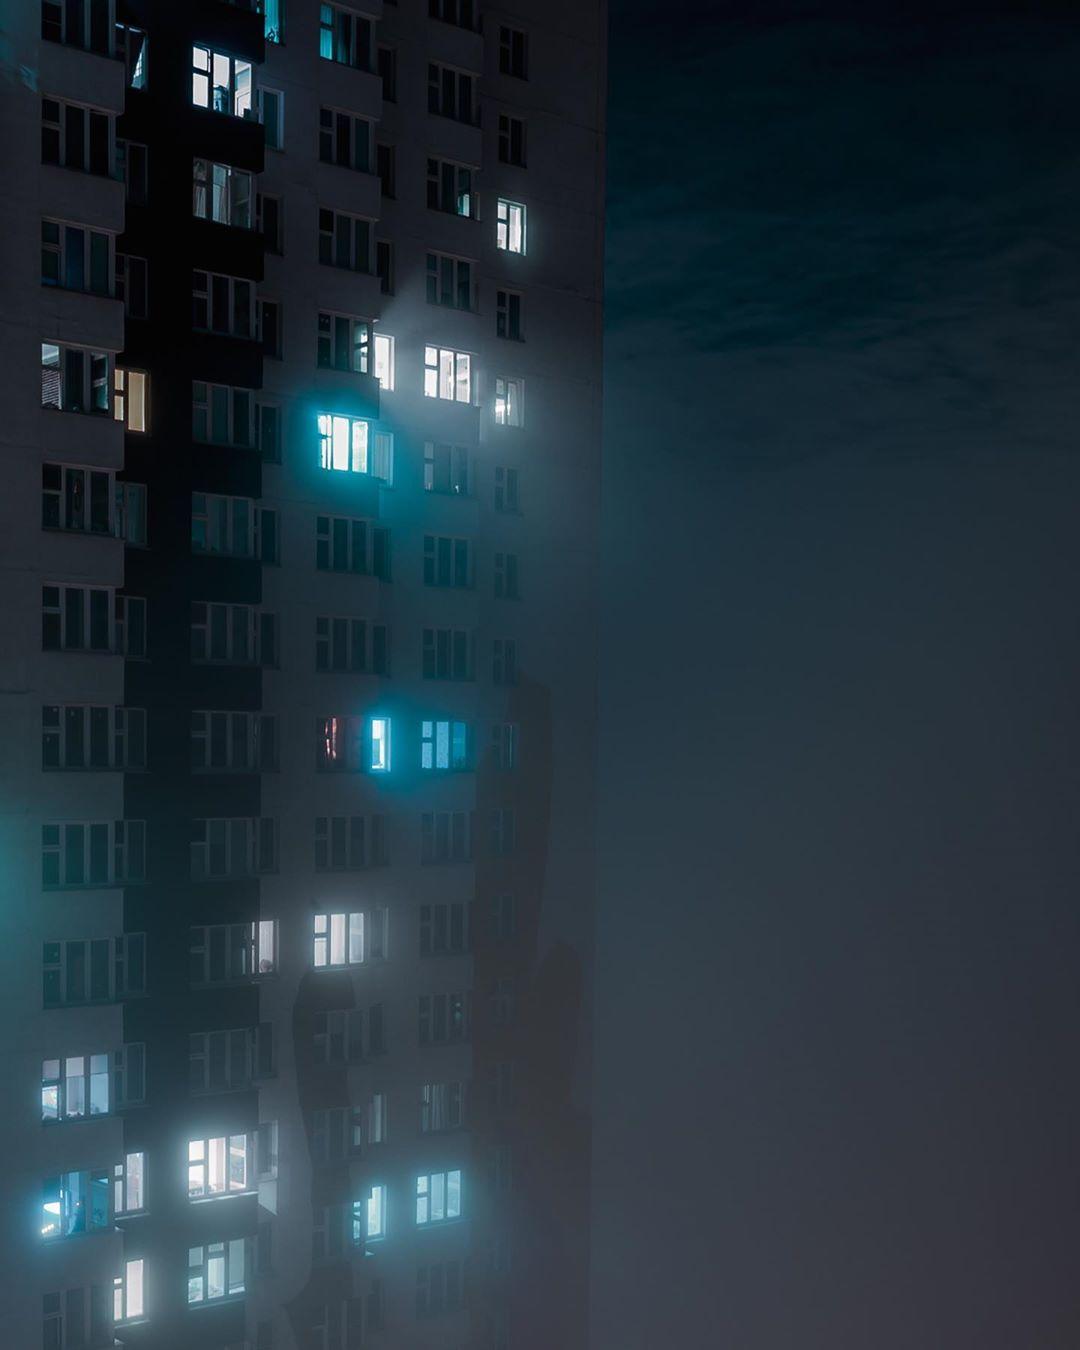 Город, окутанный туманом